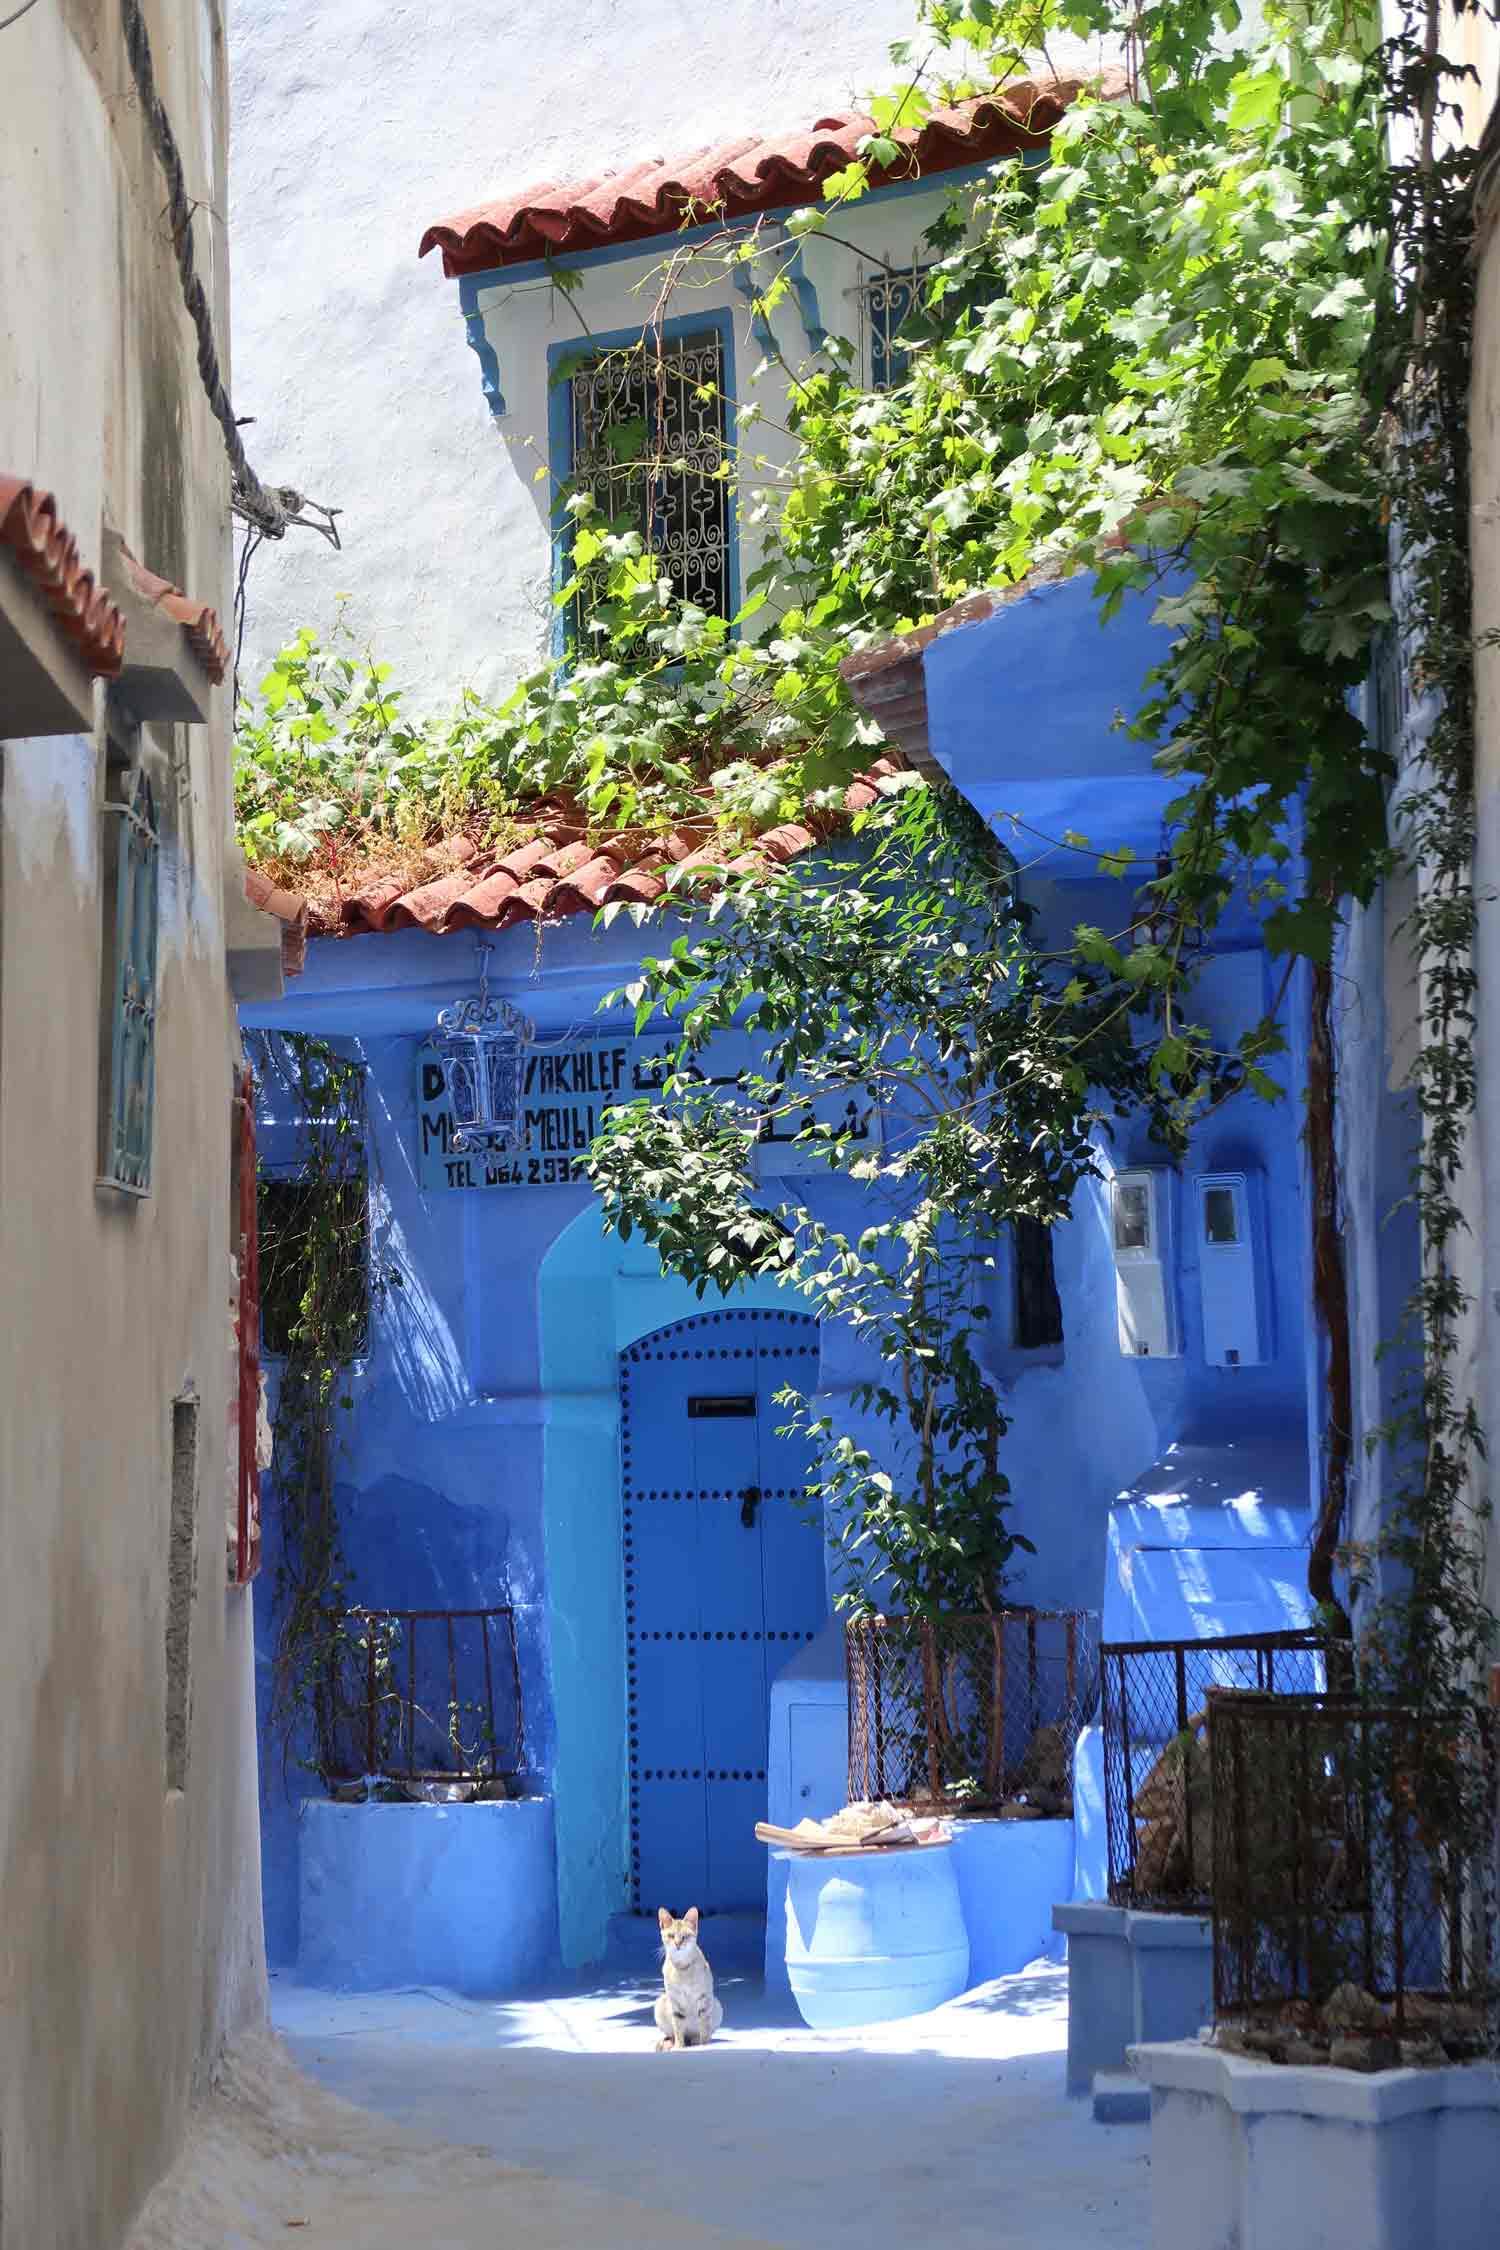 Marokko Individualreise | 2-Wochen-Reiseroute auf eigene Faust - Die Gassen von Chefchaouen